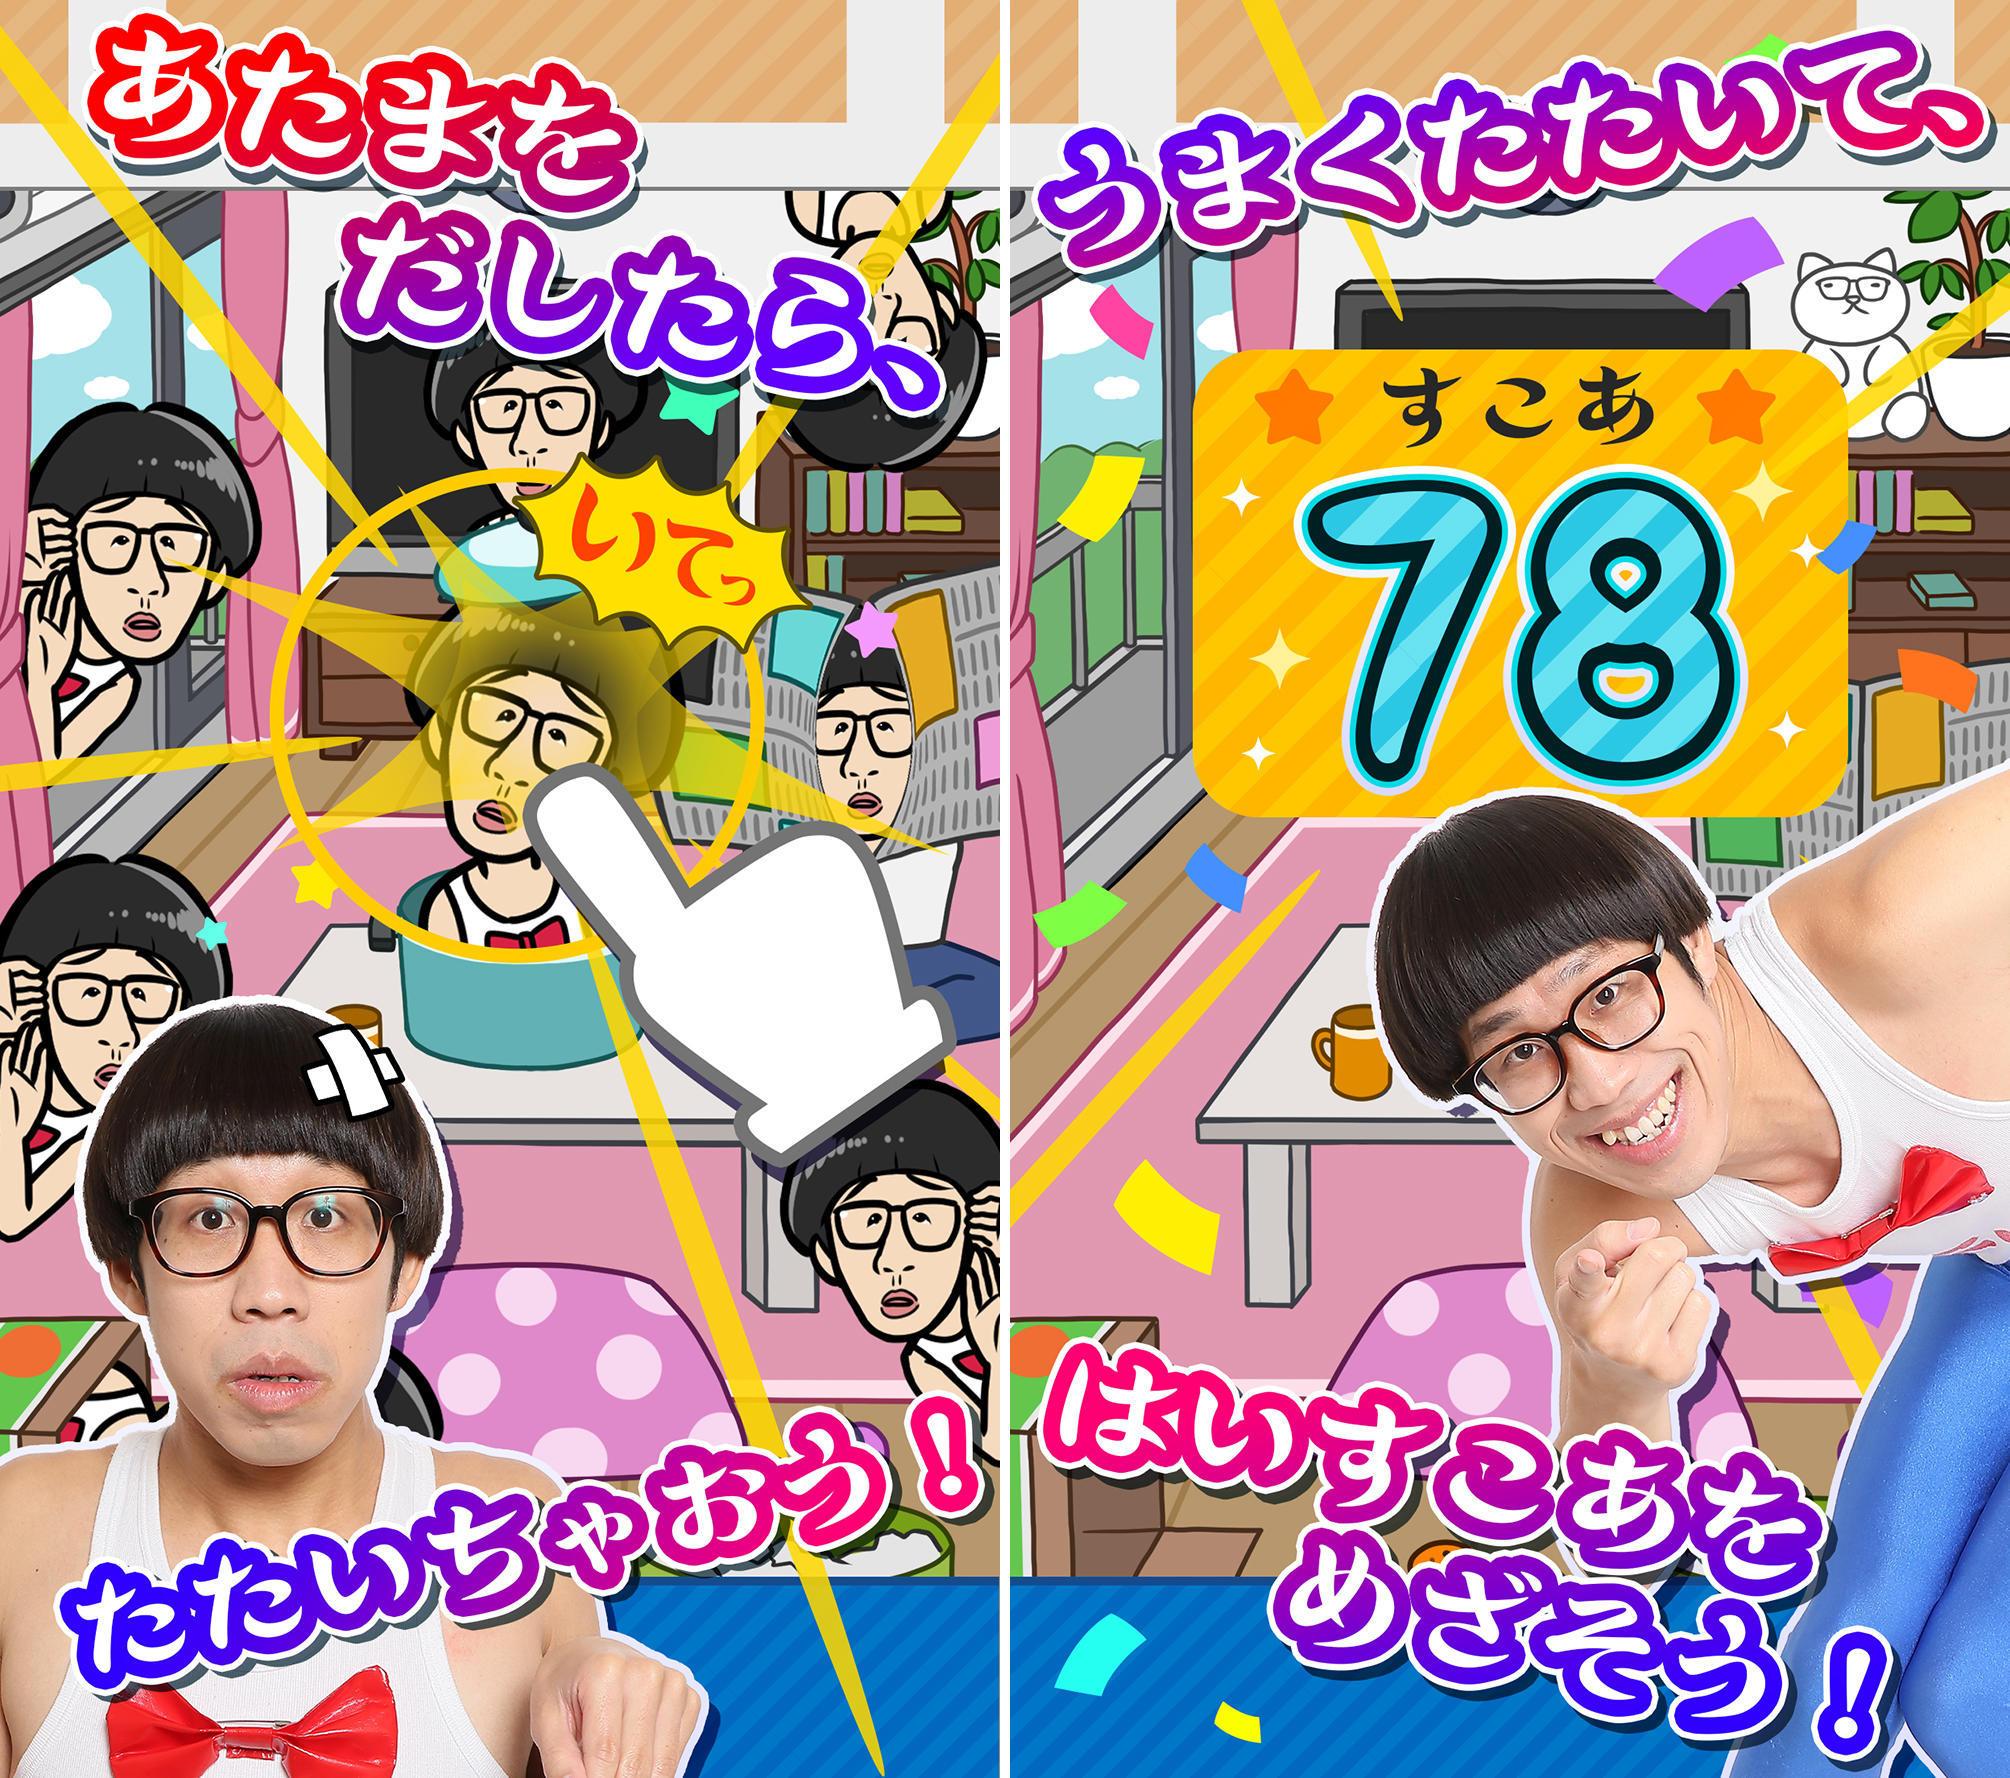 http://news.yoshimoto.co.jp/20180820104241-4e19641b88c9ab8a99d773cce7f65c8c35646d2e.jpg